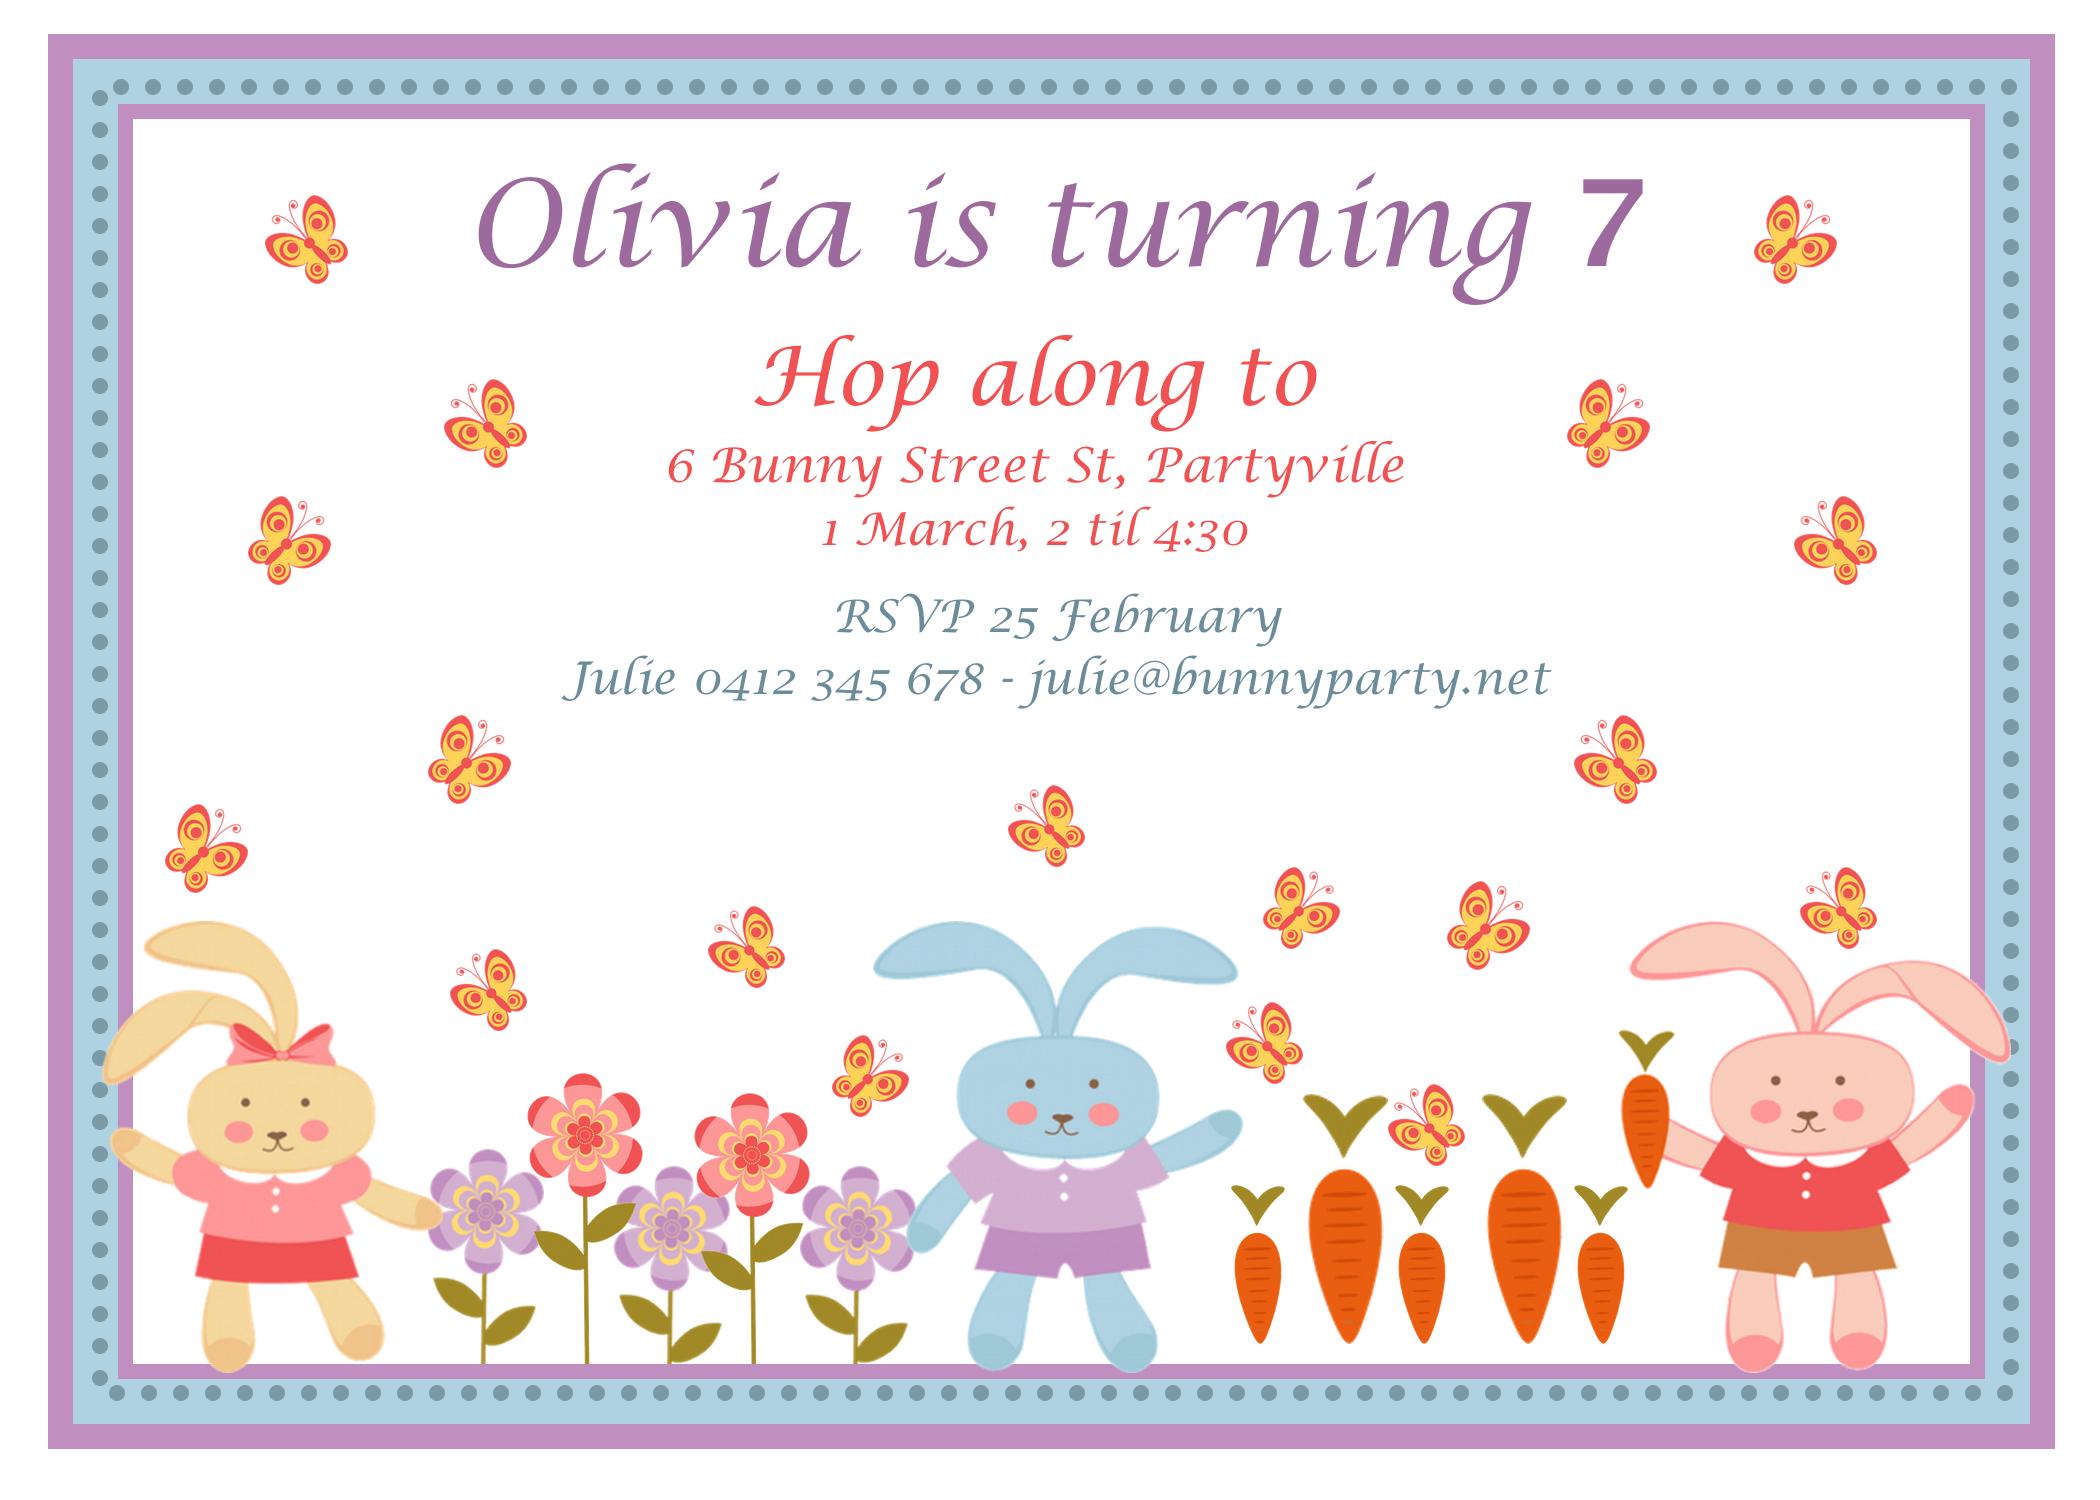 Bunny Party Invitation